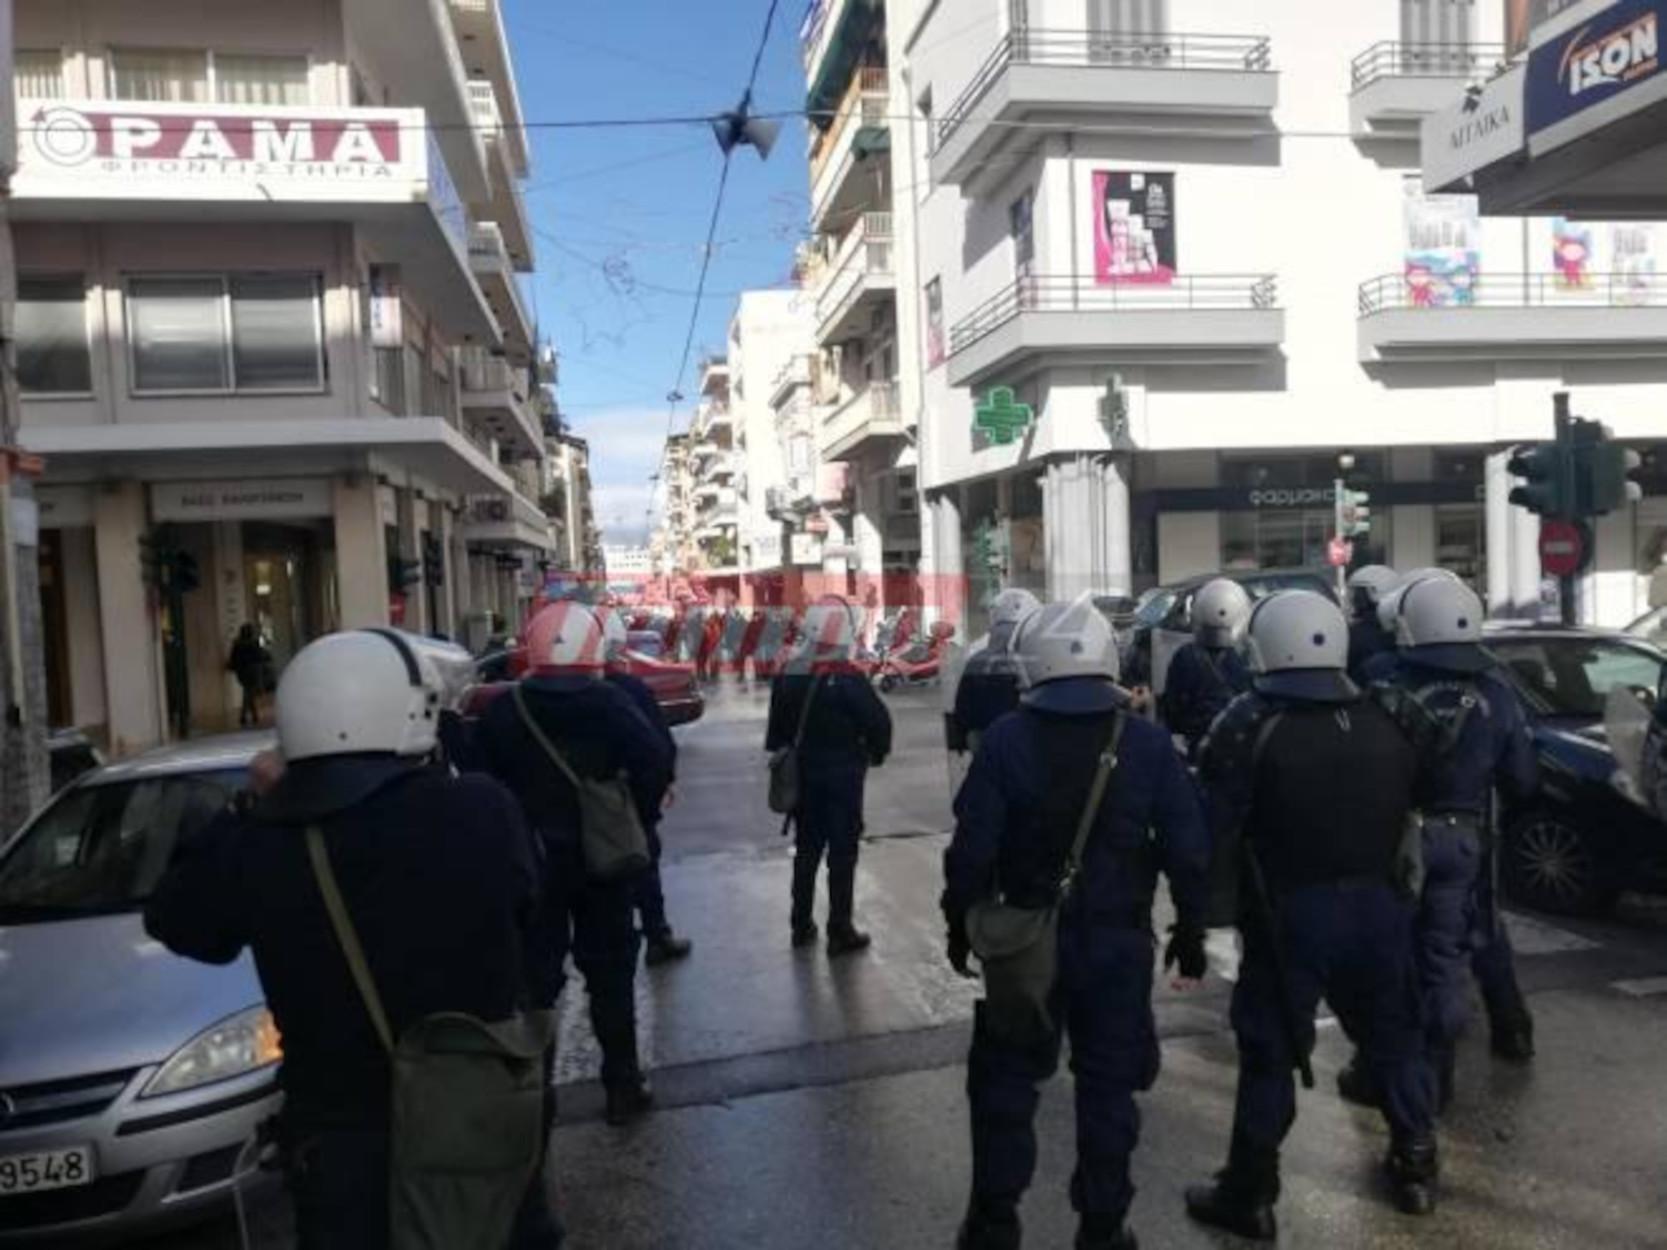 Πάτρα: Αντιεξουσιαστές έσπασαν γραφεία της ΝΔ – 9 προσαγωγές (pics, video)